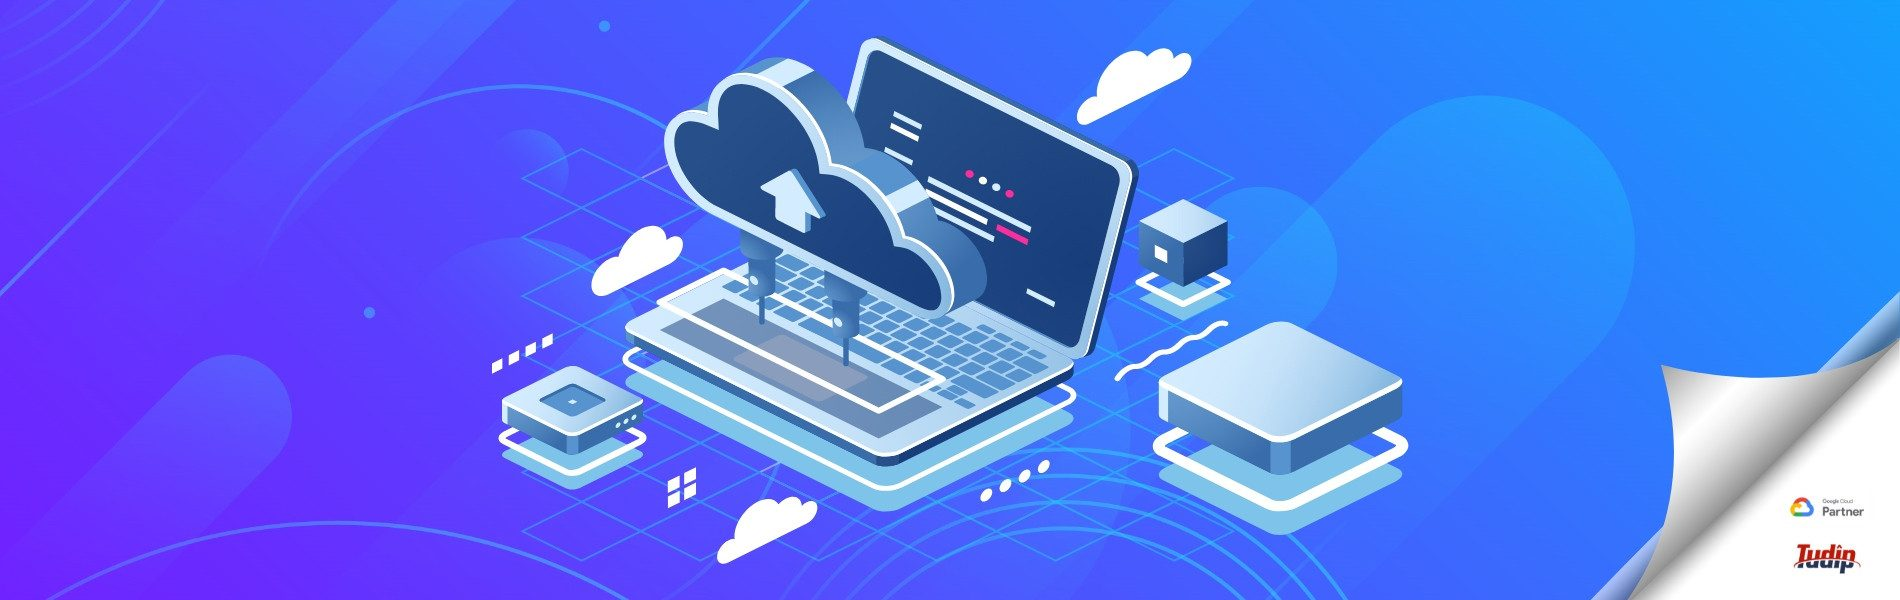 Cloud_CDN_website